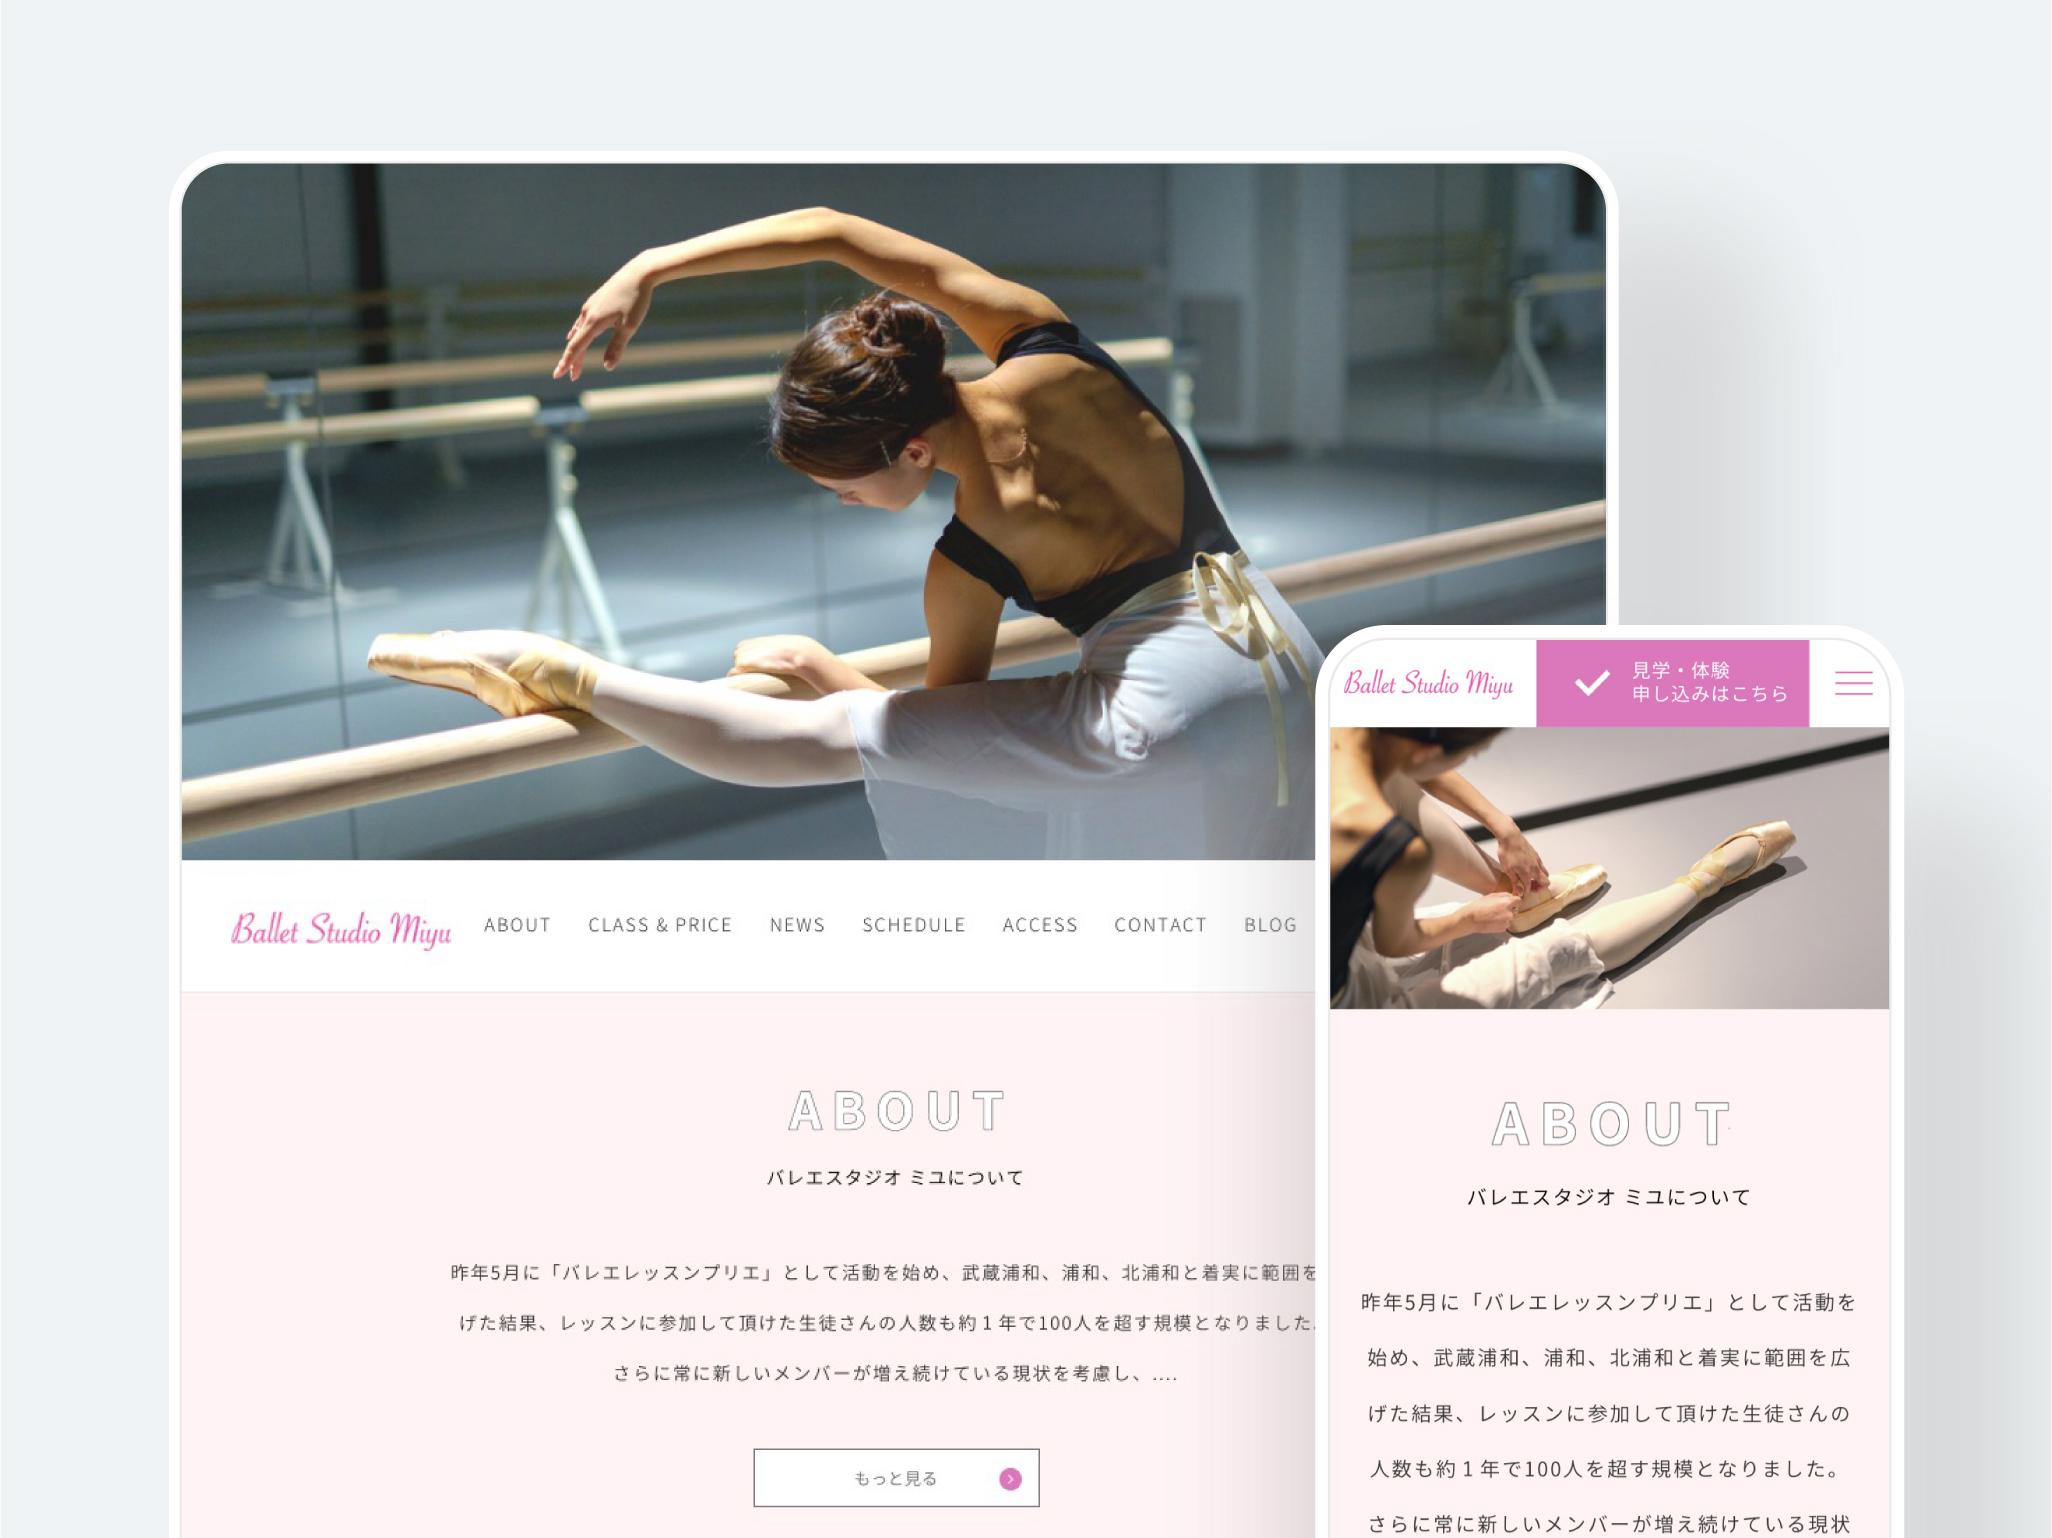 バレエスタジオ WEBサイト|埼玉武蔵浦和・浦和のバレエレッスンスタジオミユ